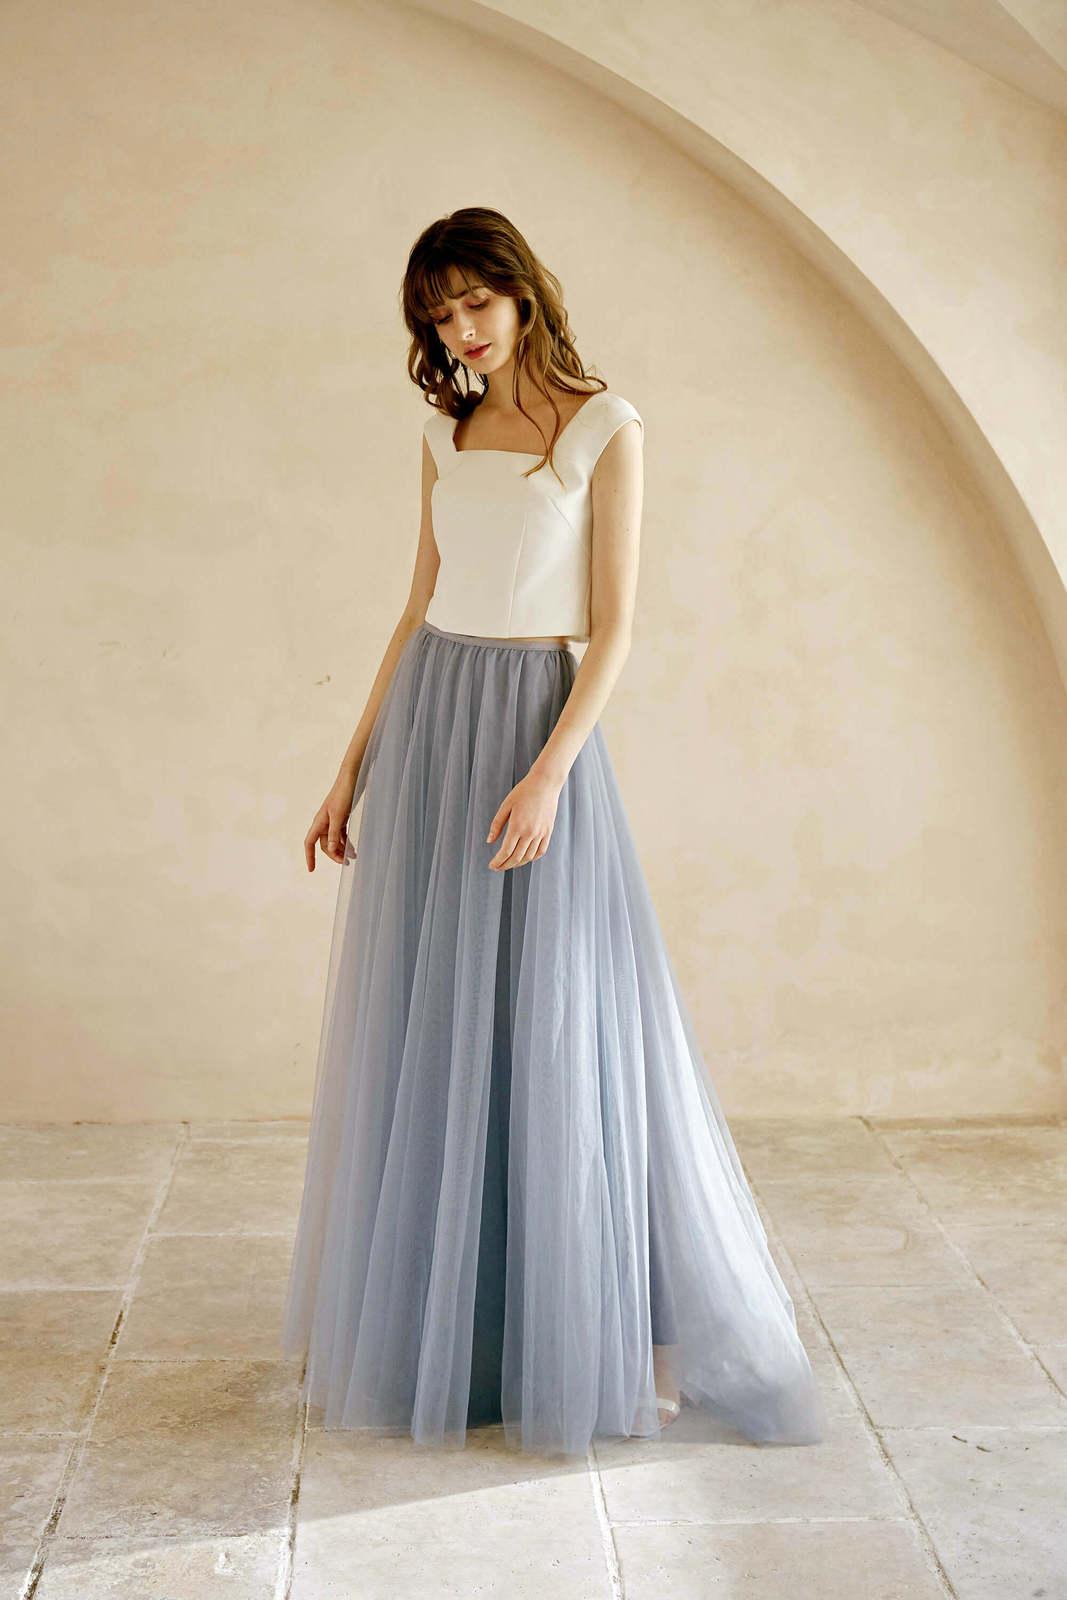 Sofest tull skirt  1